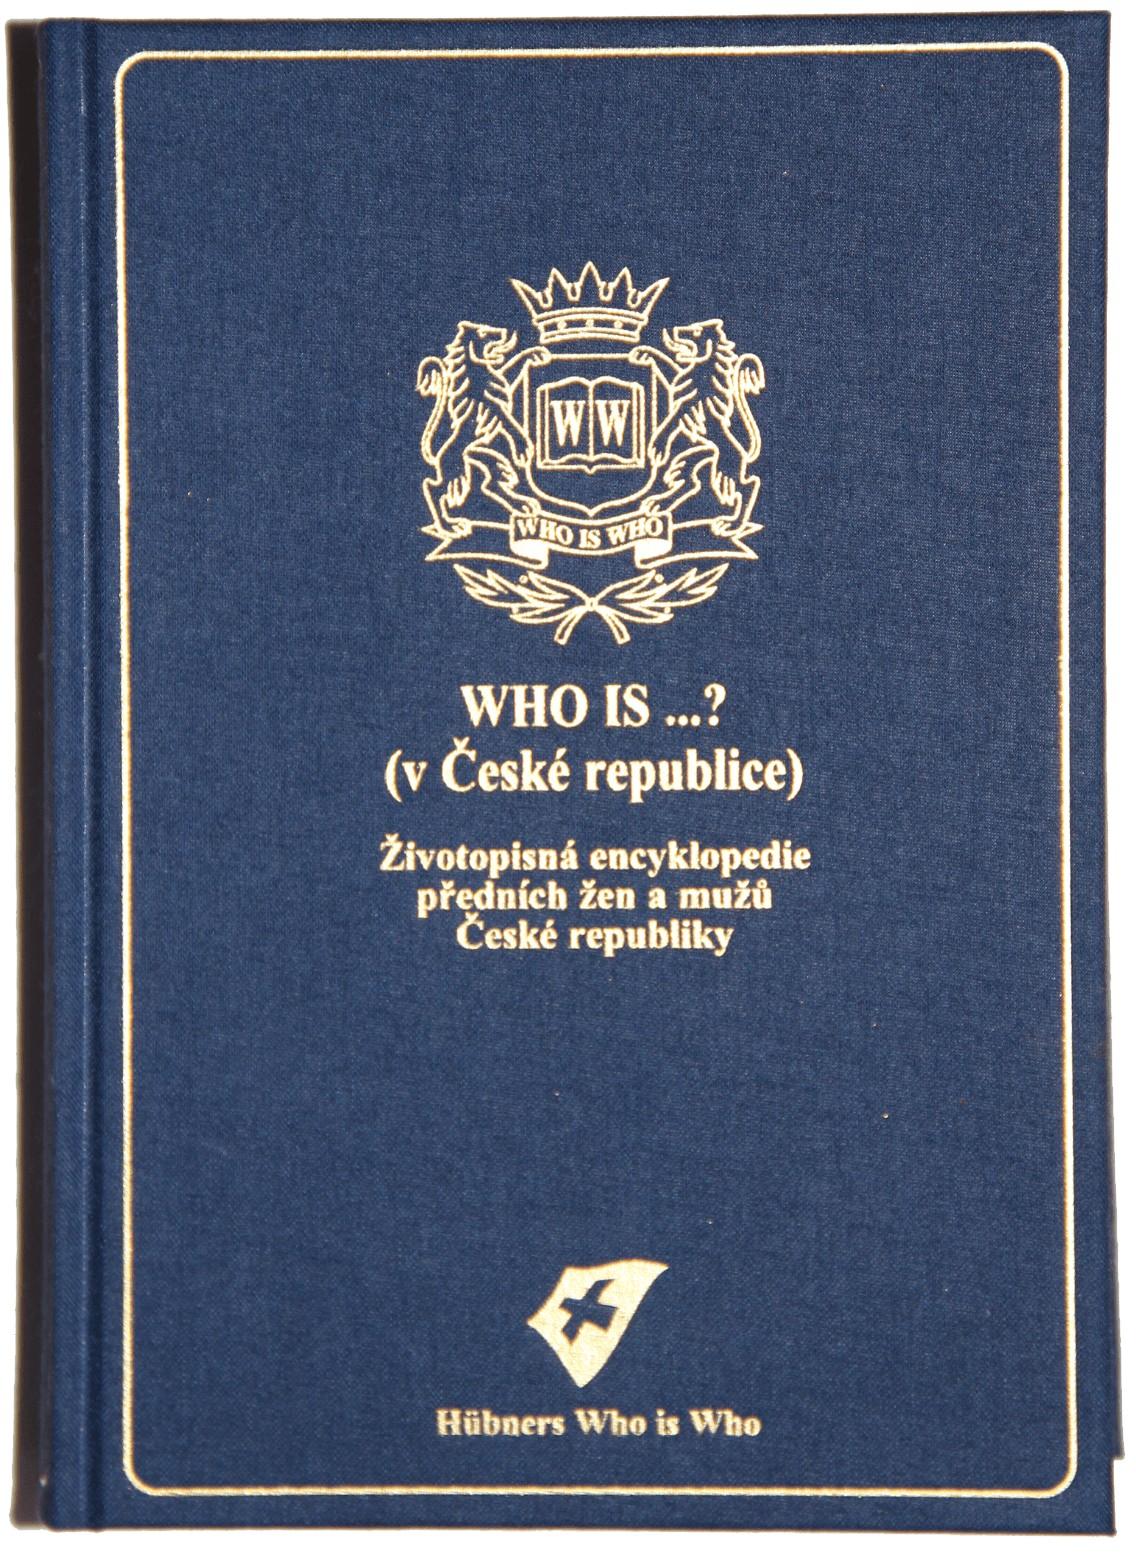 WHO IS WHO - Tomáš Gřešek